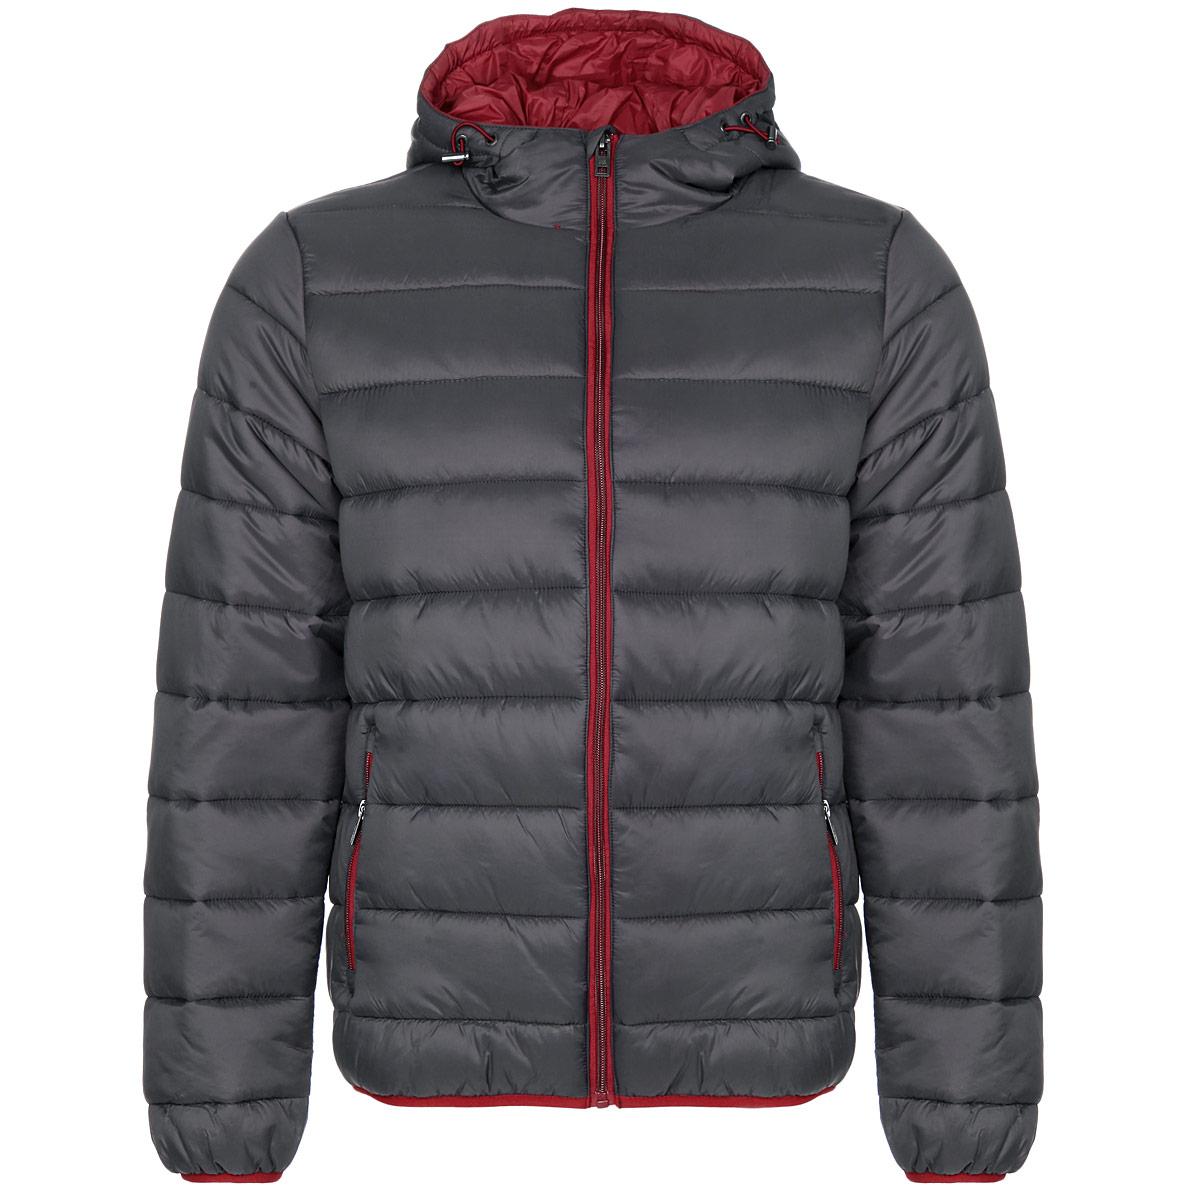 Куртка мужская NY06372Стильная мужская куртка F5 NY отлично подойдет для холодной погоды. Модель прямого кроя с длинными рукавами и капюшоном выполнена из высококачественного материала и застегивается на застежку-молнию. Изделие дополнено двумя втачными карманами на молниях спереди и двумя внутренними открытыми карманами. Манжеты рукавов и низ куртки оснащены узкими эластичными резинками. Объем капюшона регулируется шнурком-кулиской со стопперами. Куртка утеплена наполнителем Silk Floss, который обладает высокими теплоизолирующими свойствами и хорошей воздухопроницаемостью. Шелковистый эластичный наполнитель хорошо держит форму, благодаря чему изделие выглядит объемным и пышным. Эта модная и в то же время комфортная куртка - отличный вариант для уверенного в себе мужчины!